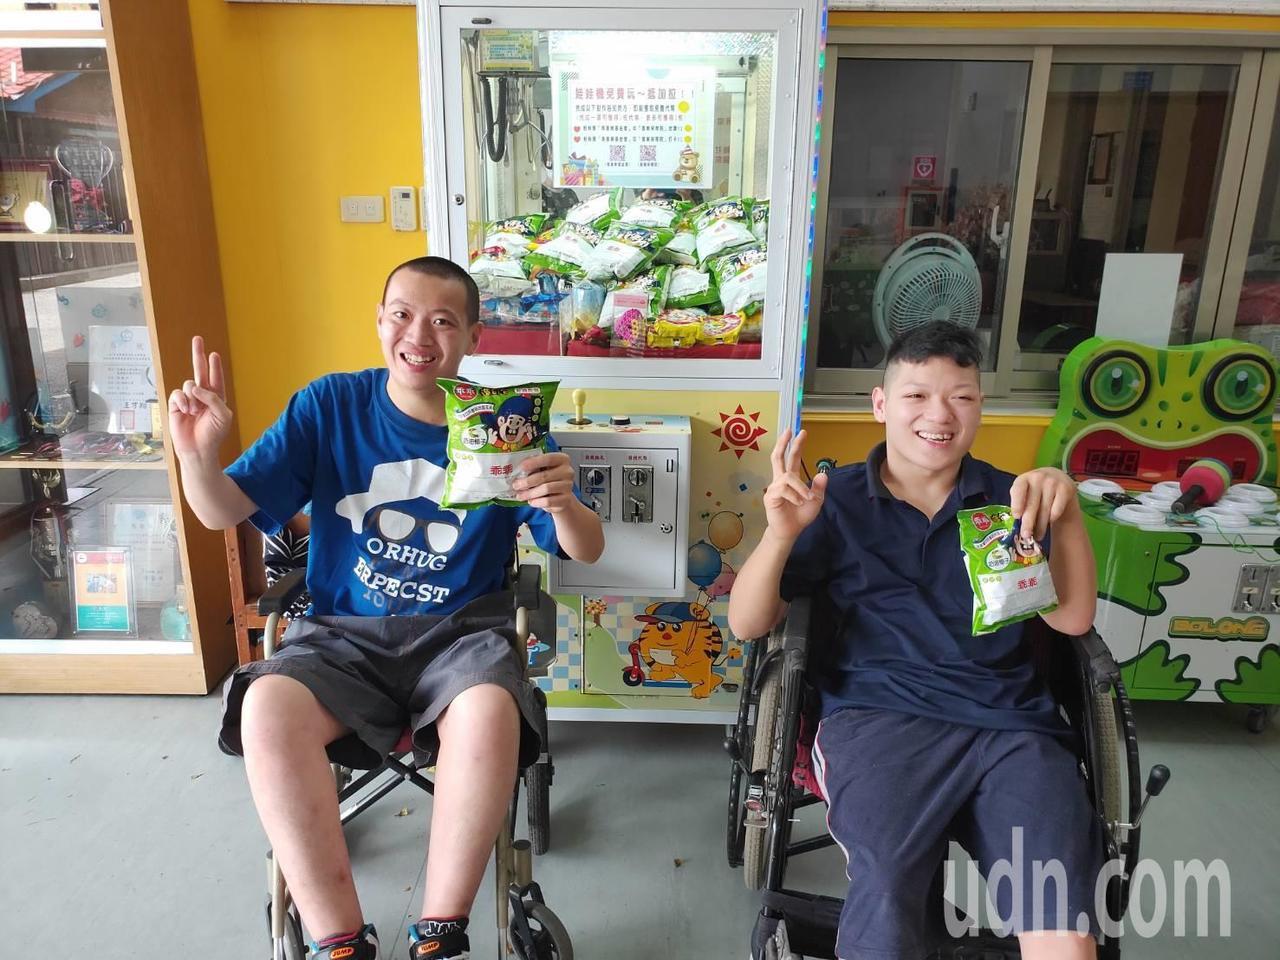 二林喜樂保育院院生玩夾娃娃機,開心抓到想要的餅乾。記者何烱榮/攝影